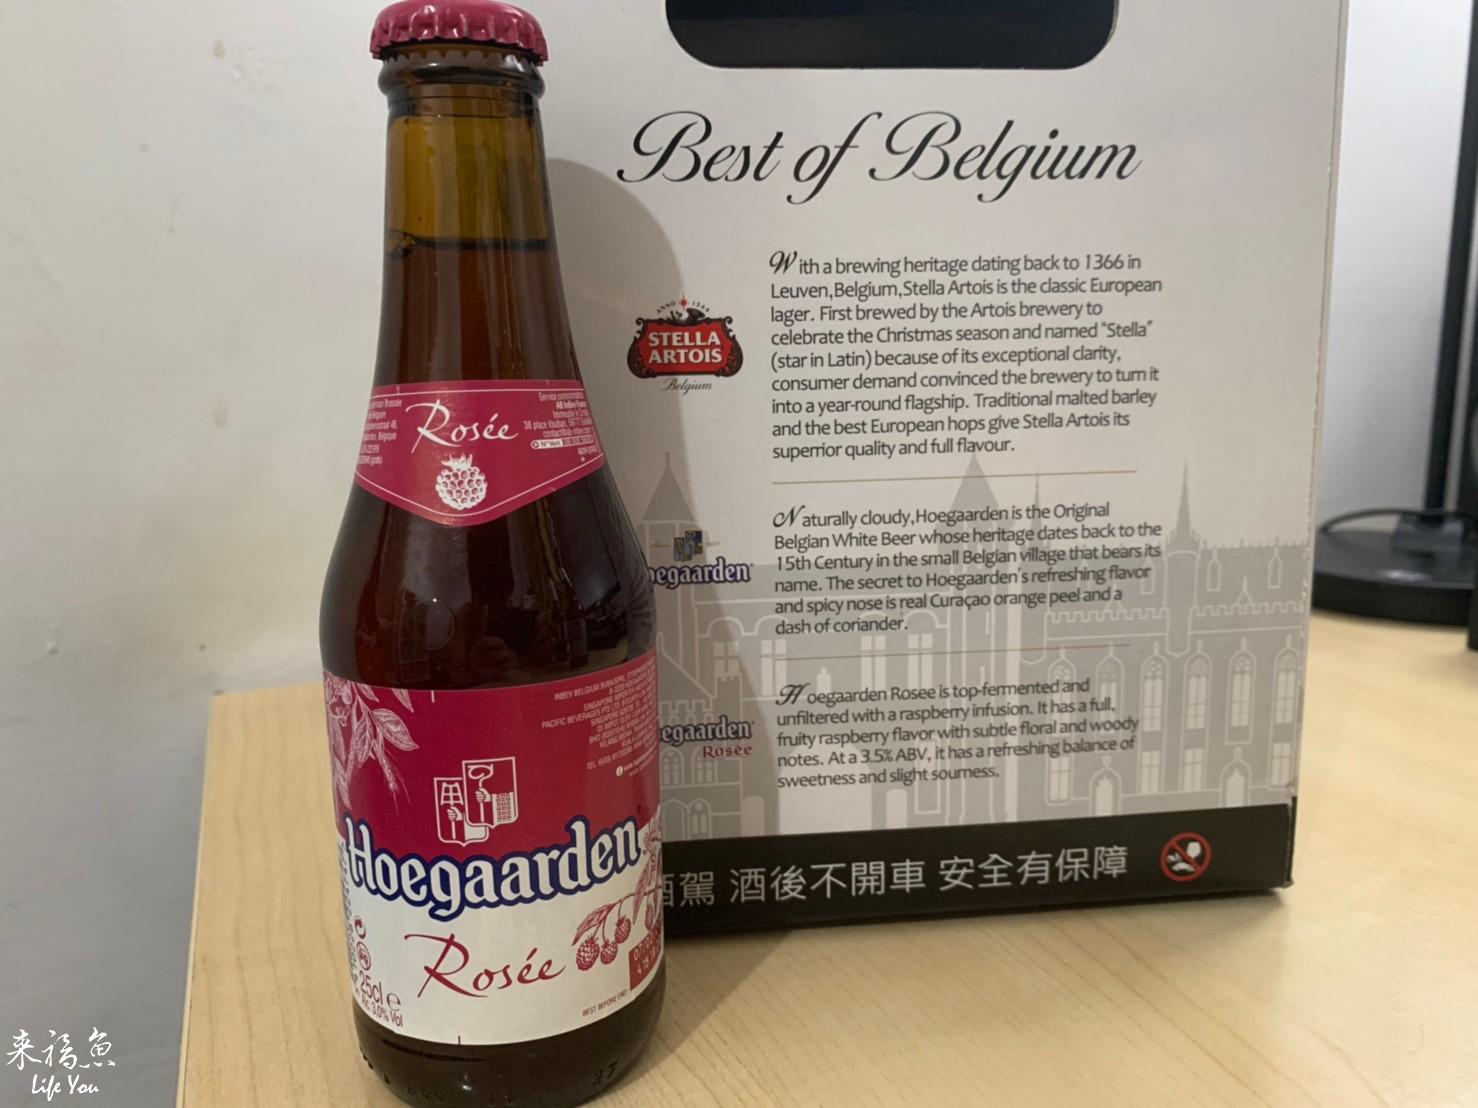 豪格登覆盆莓小麥啤酒